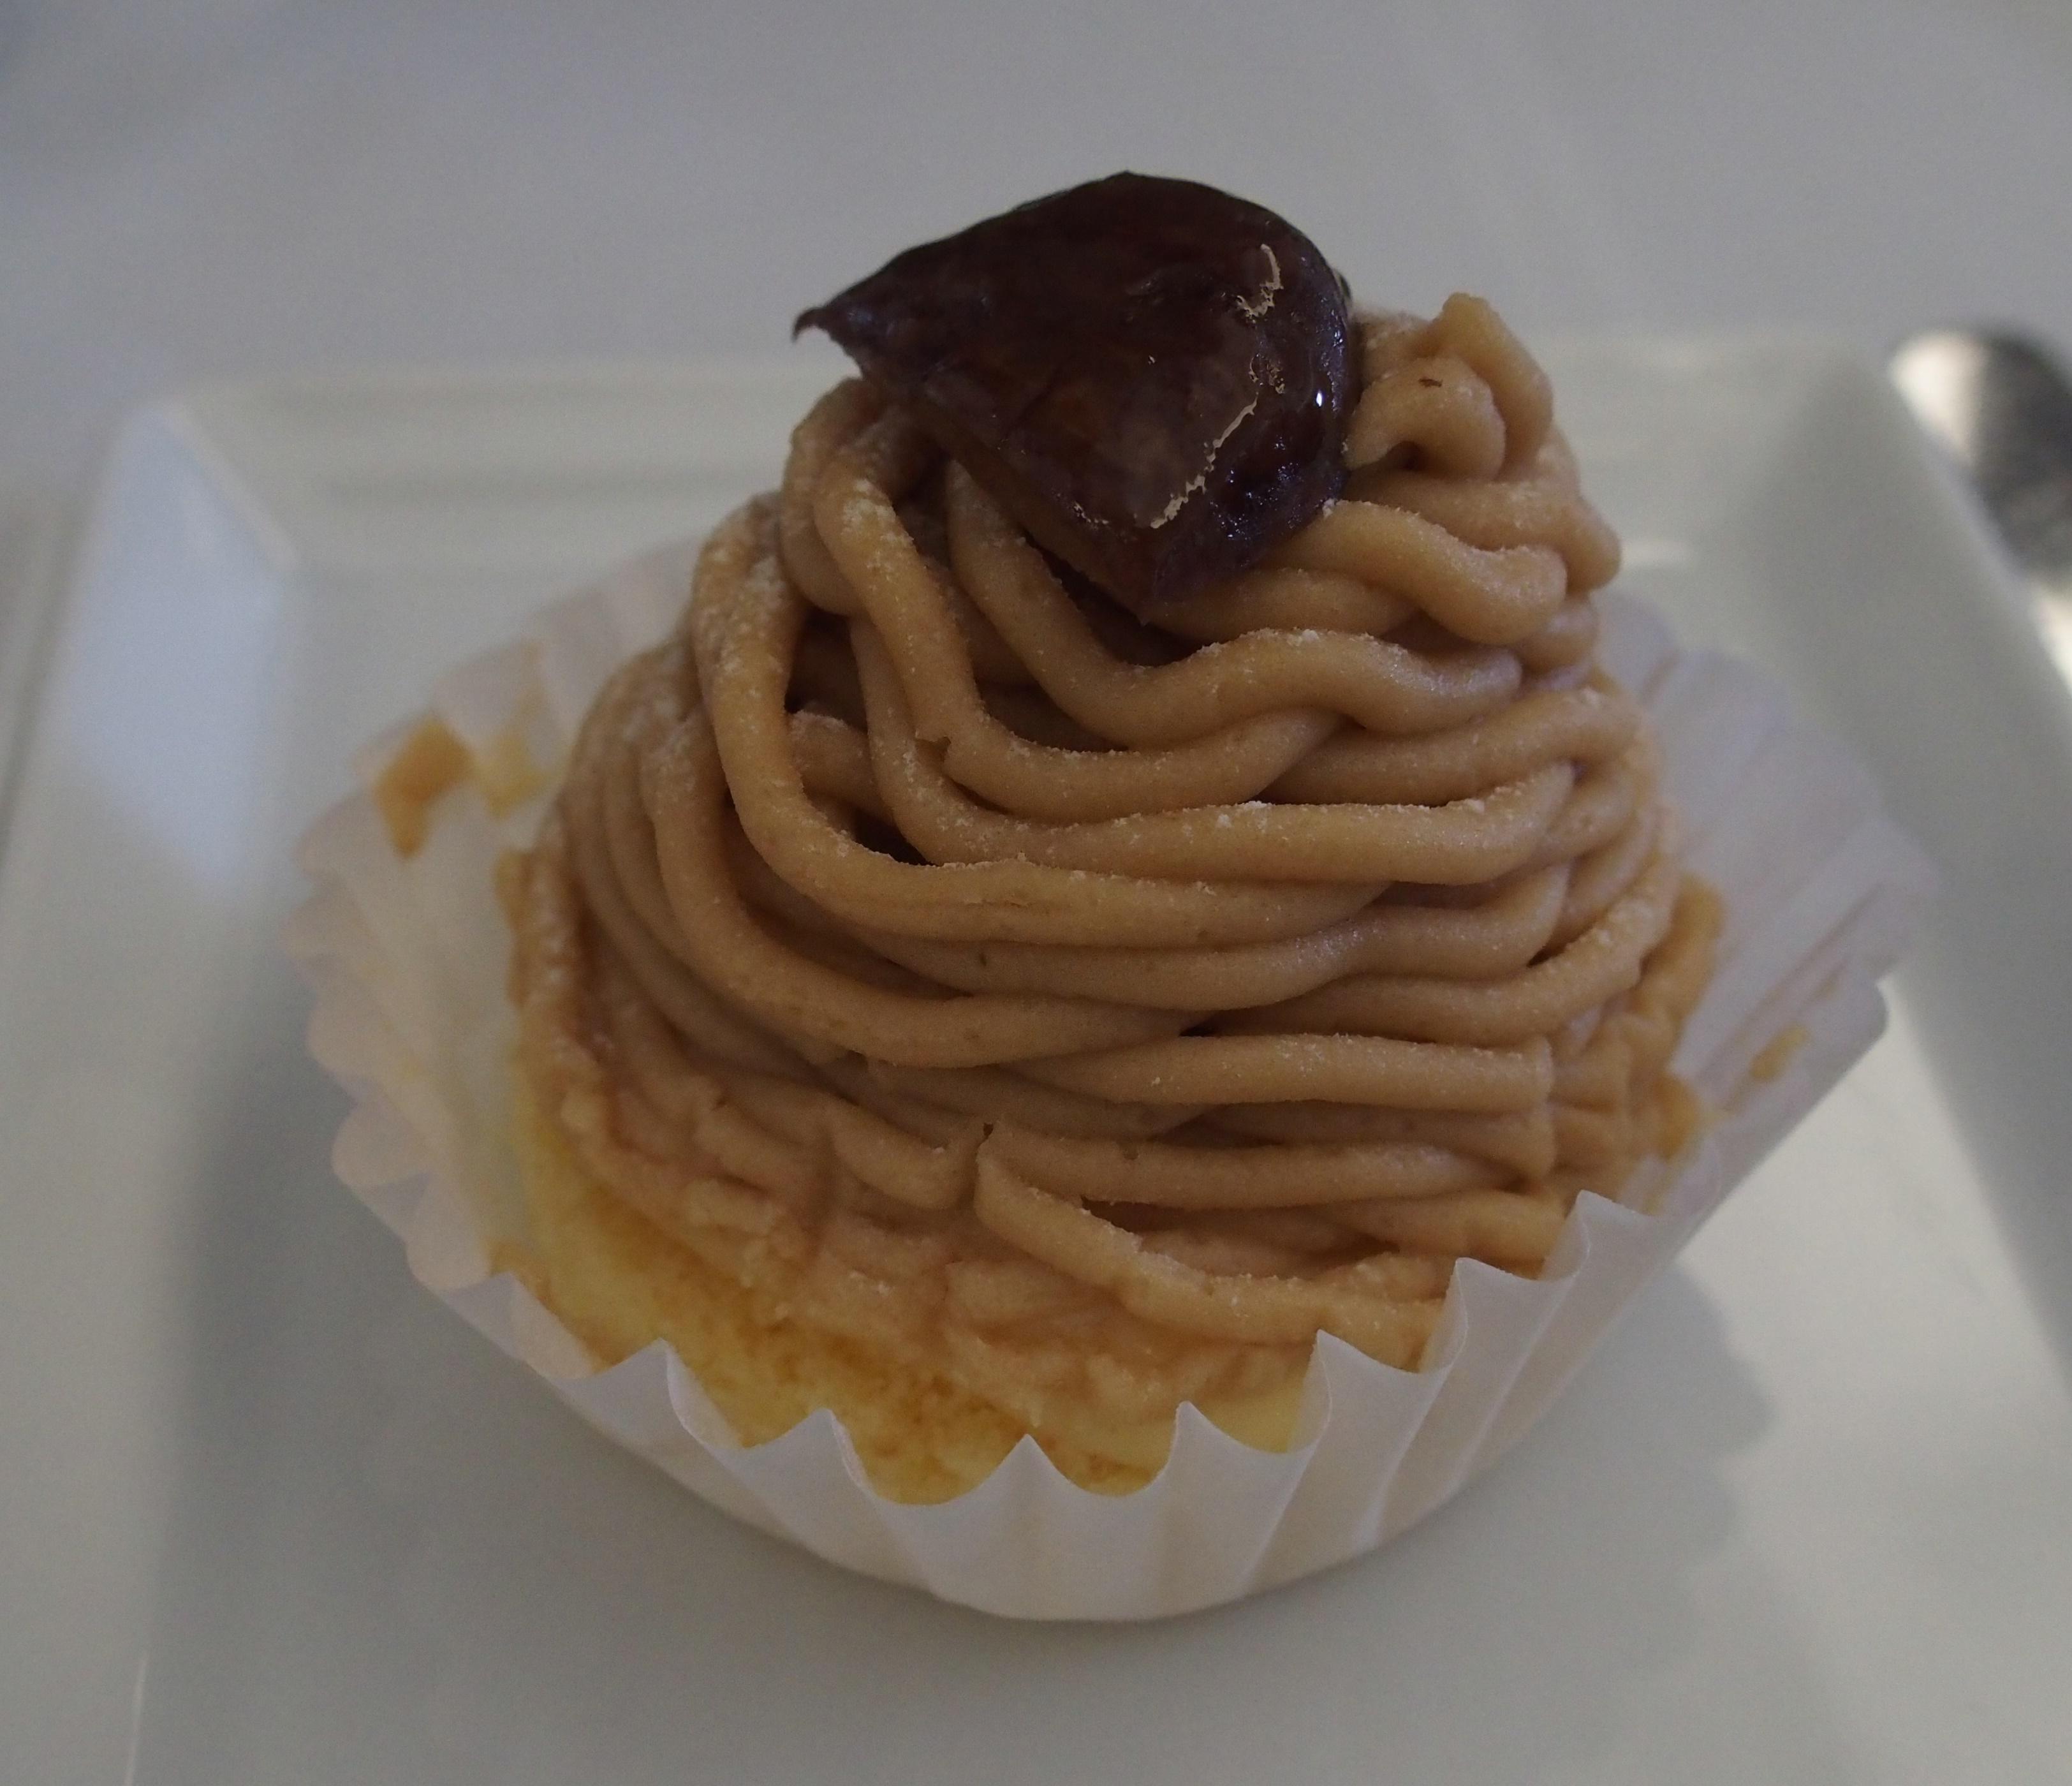 ANAビジネスクラス機内食のデザートモンブラン